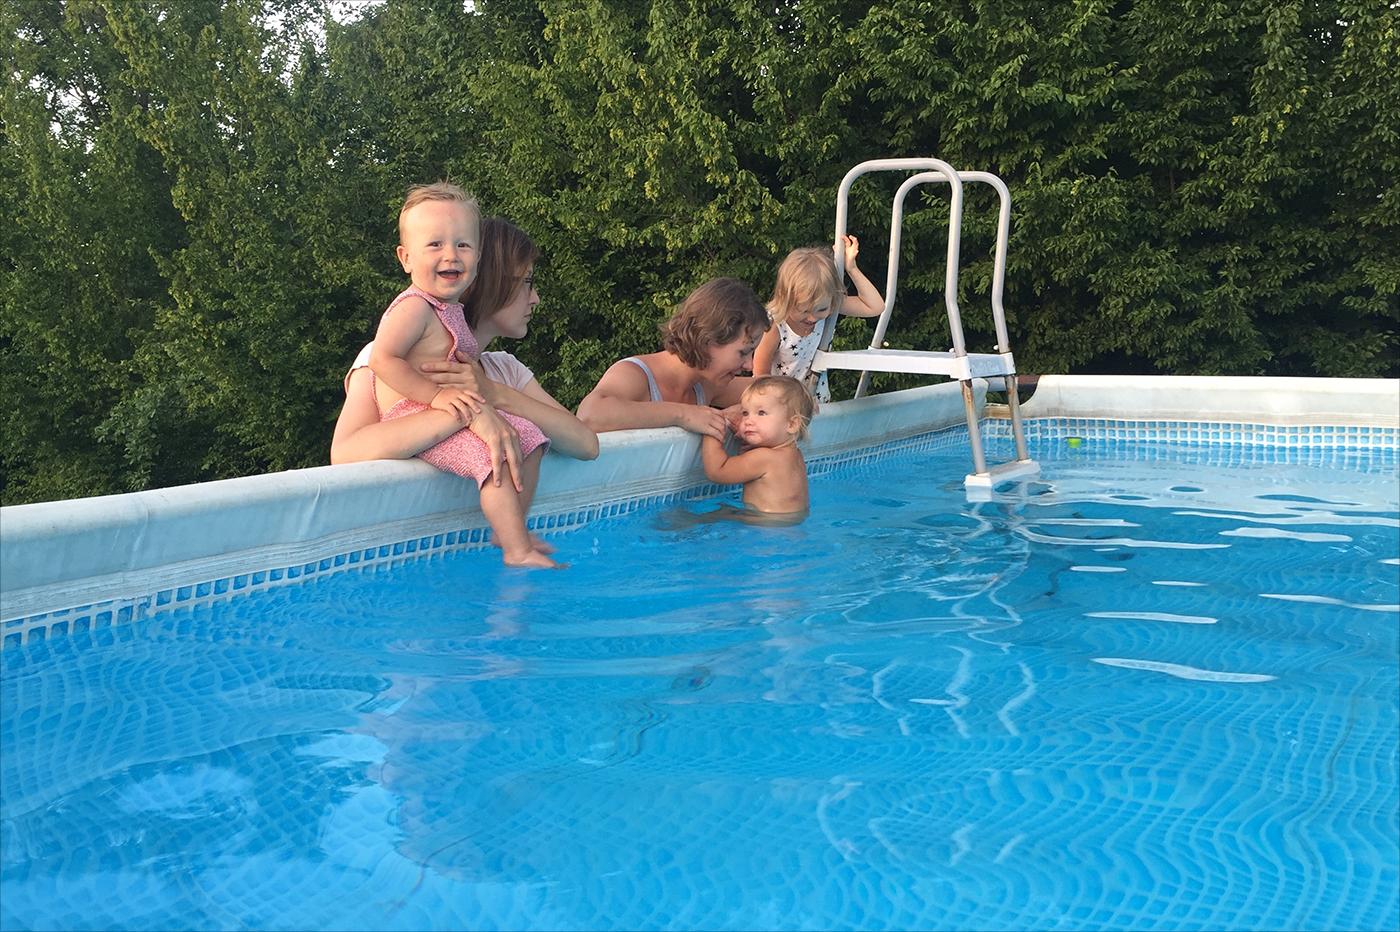 Нудисты в бассейне фото 29